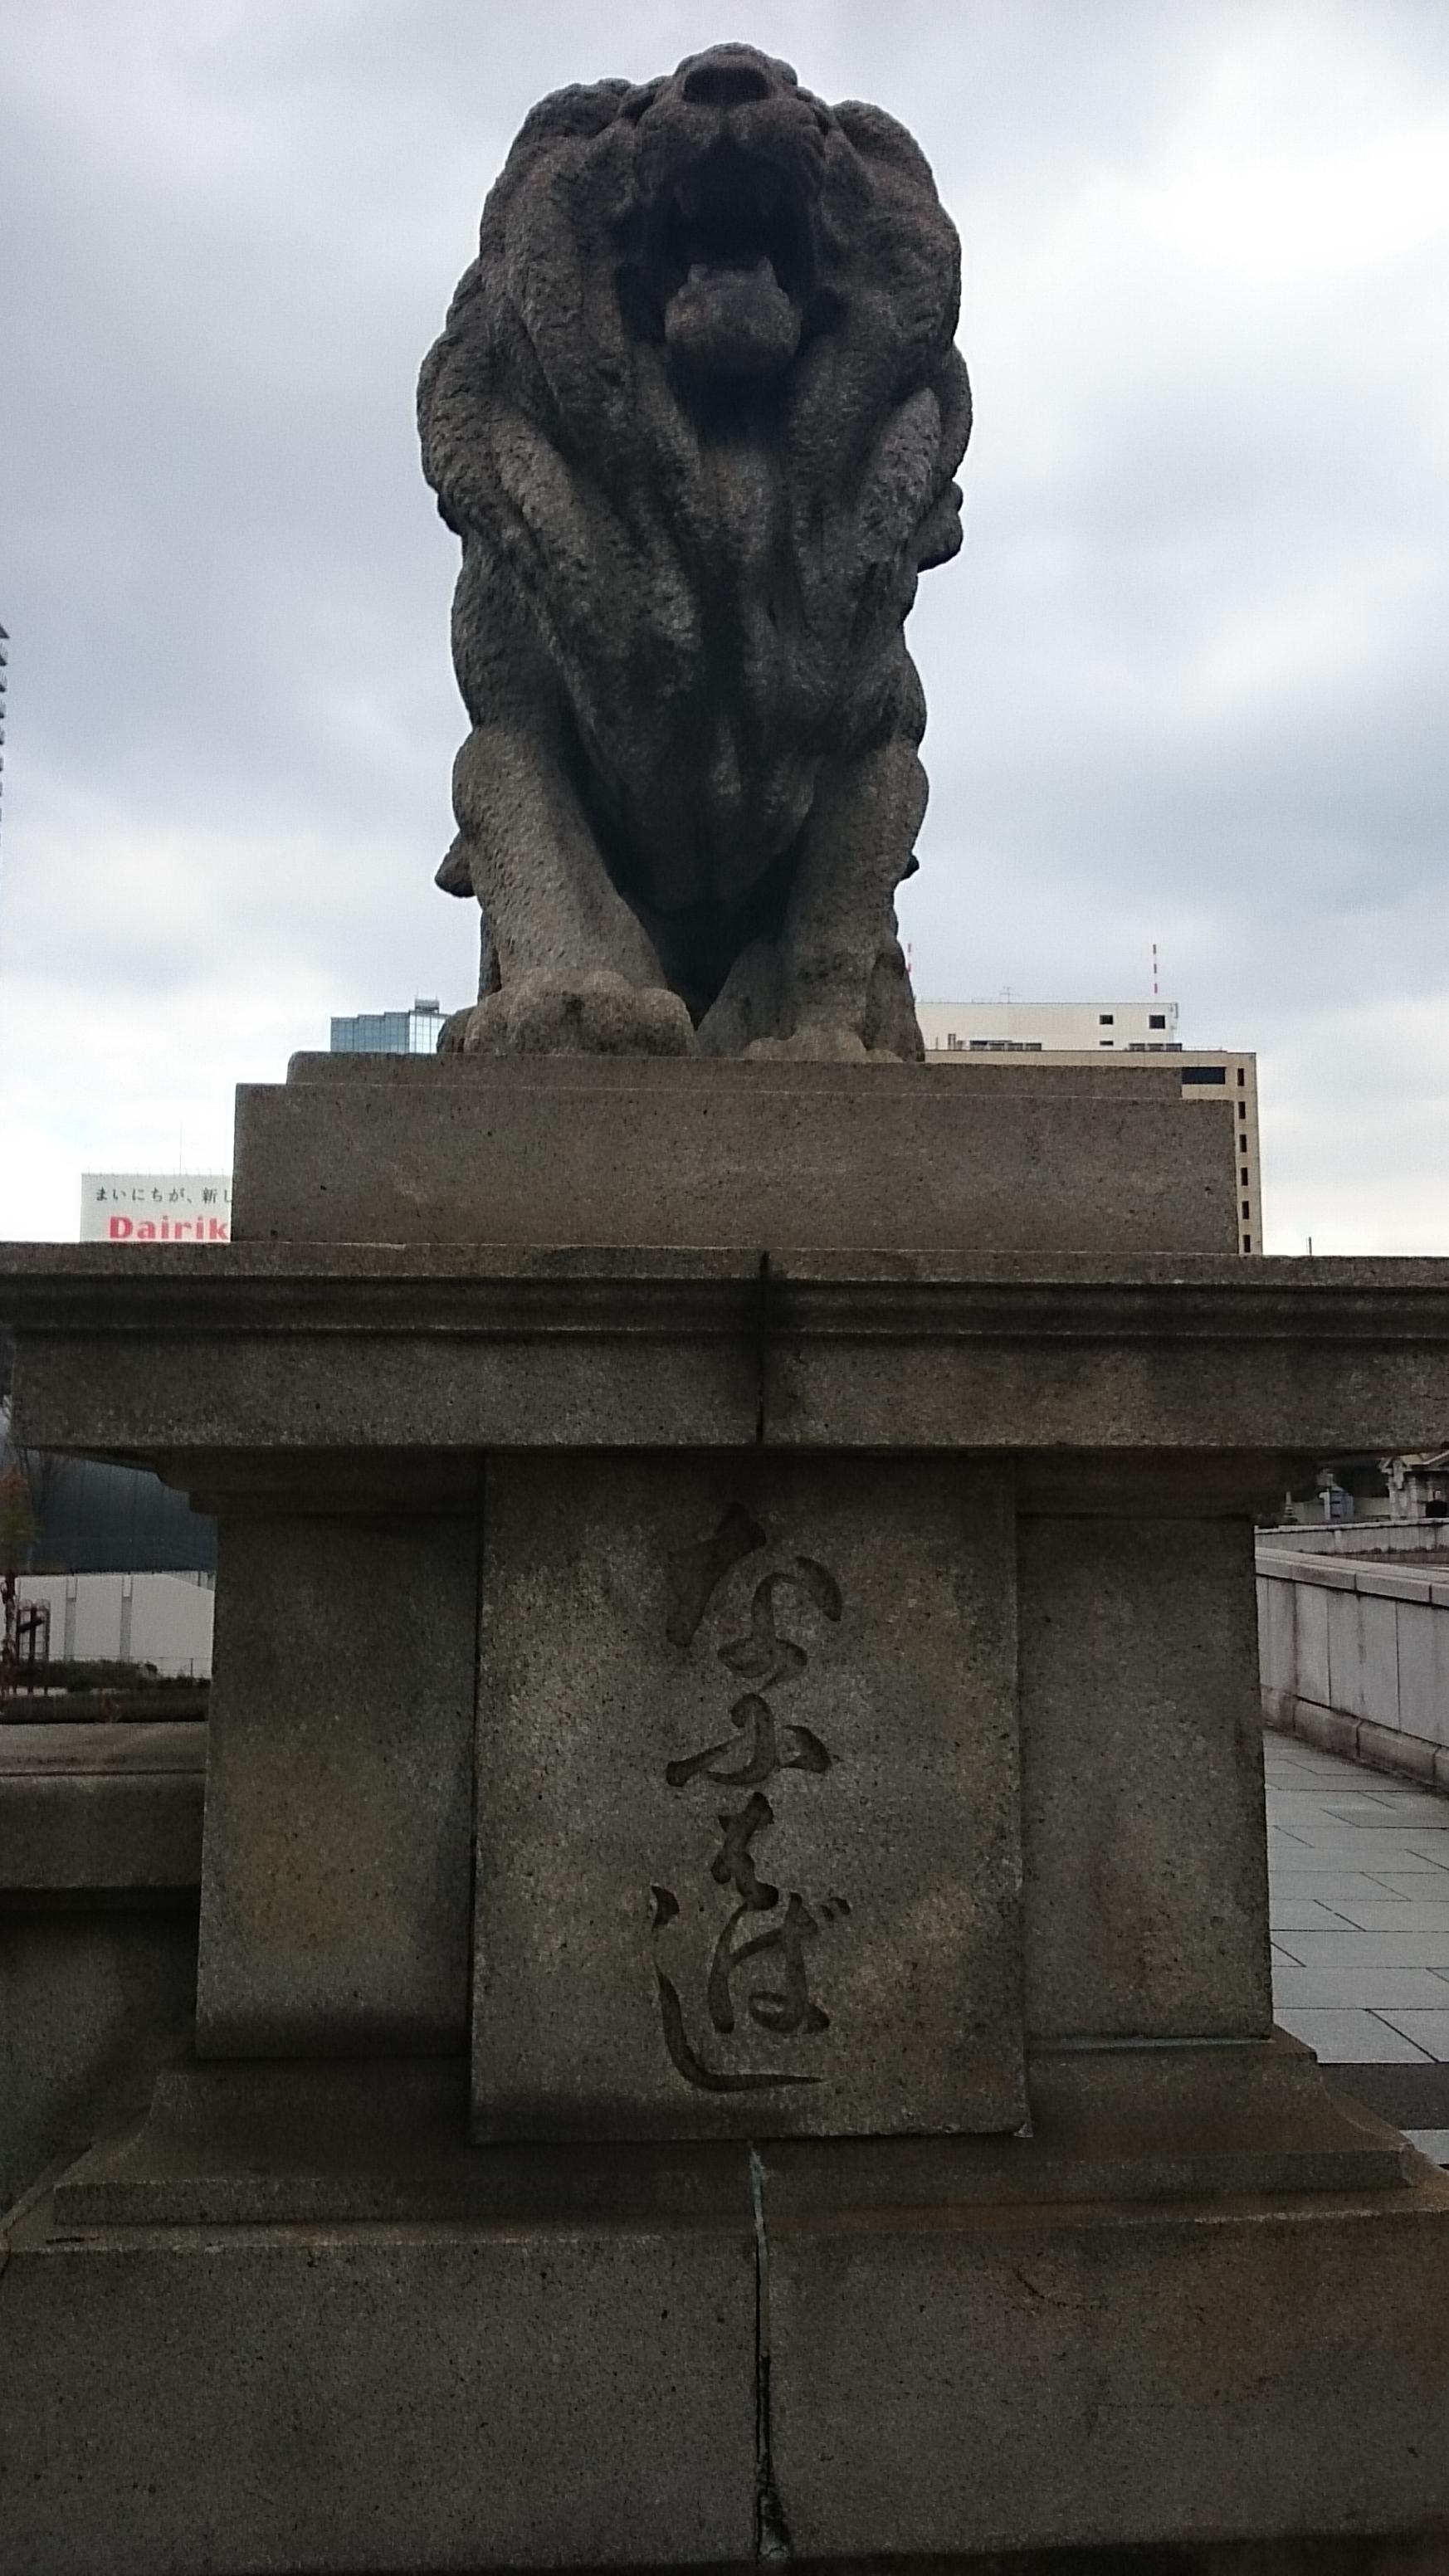 橋の上の獅子?かな